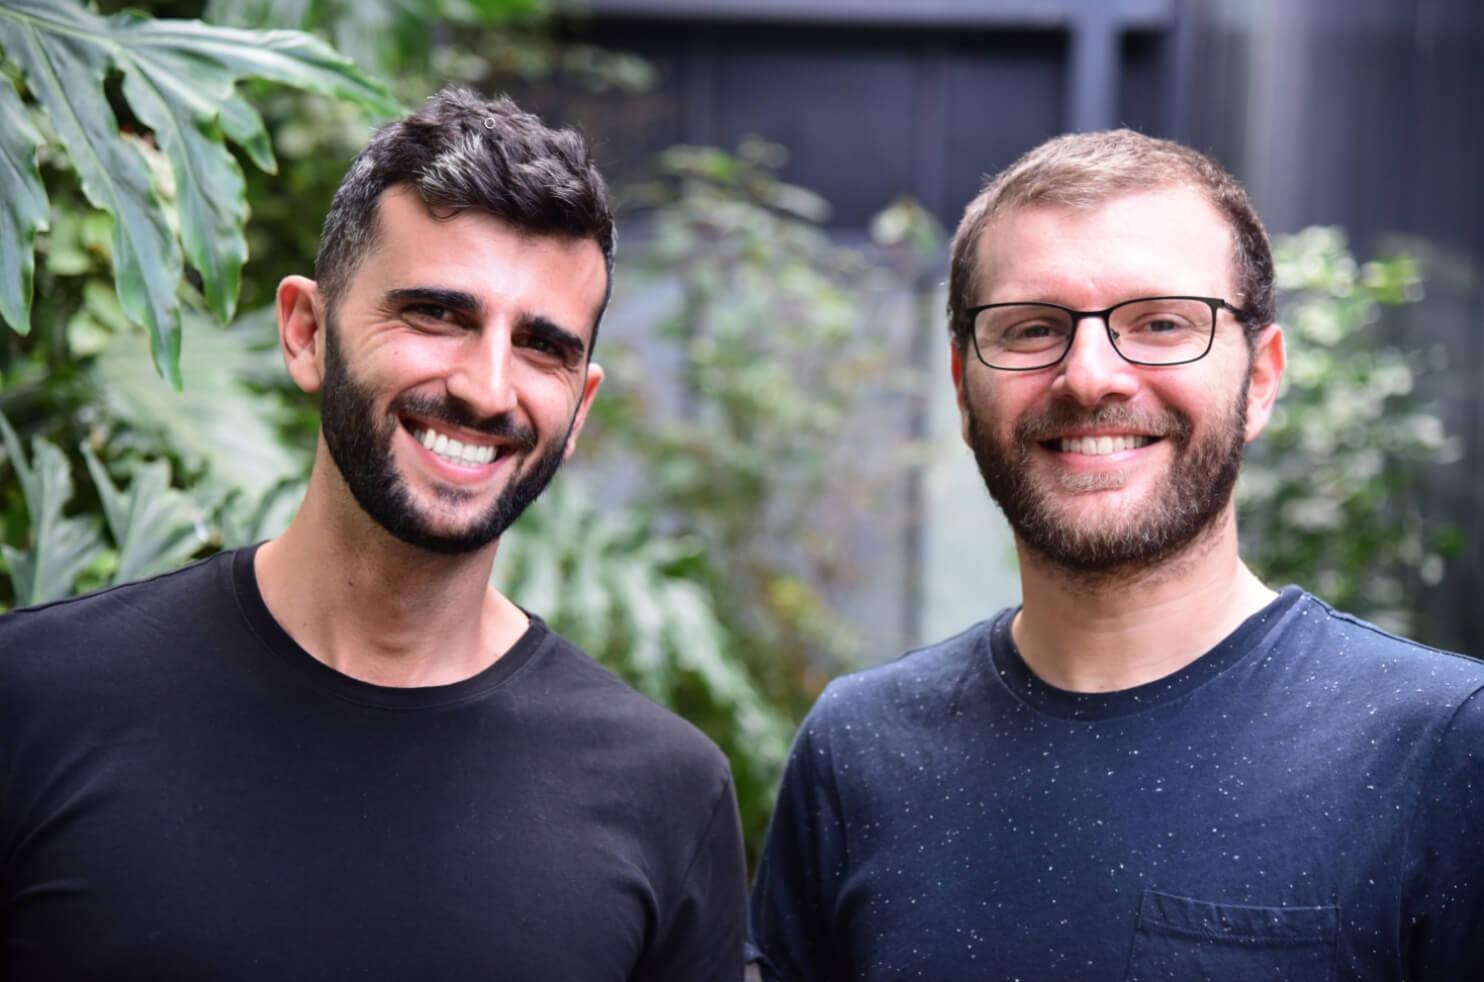 Bar Geron and Yoni Shuster